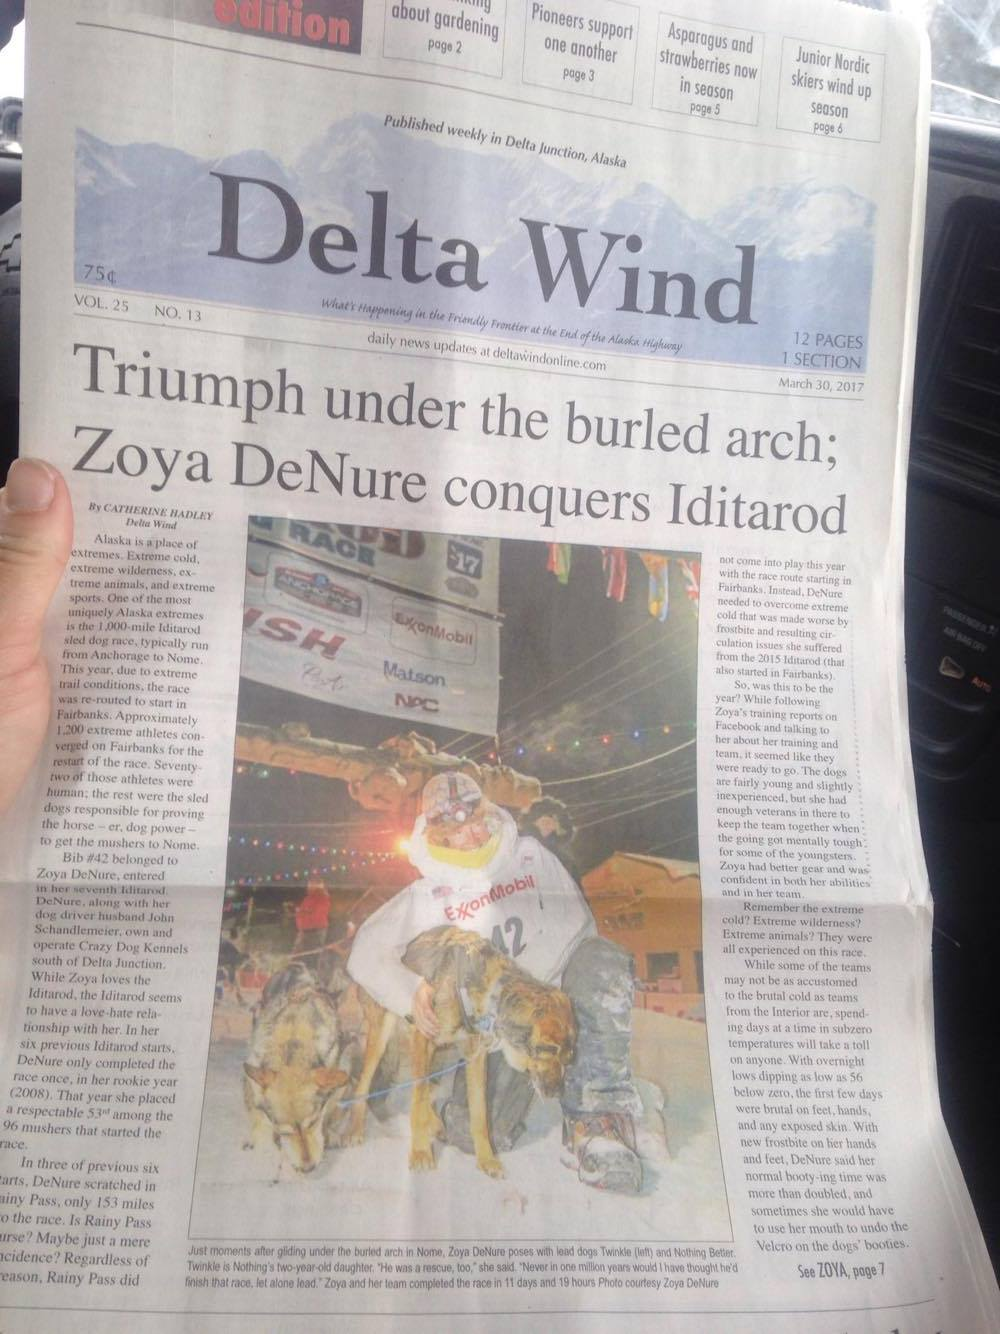 deltawindazoya